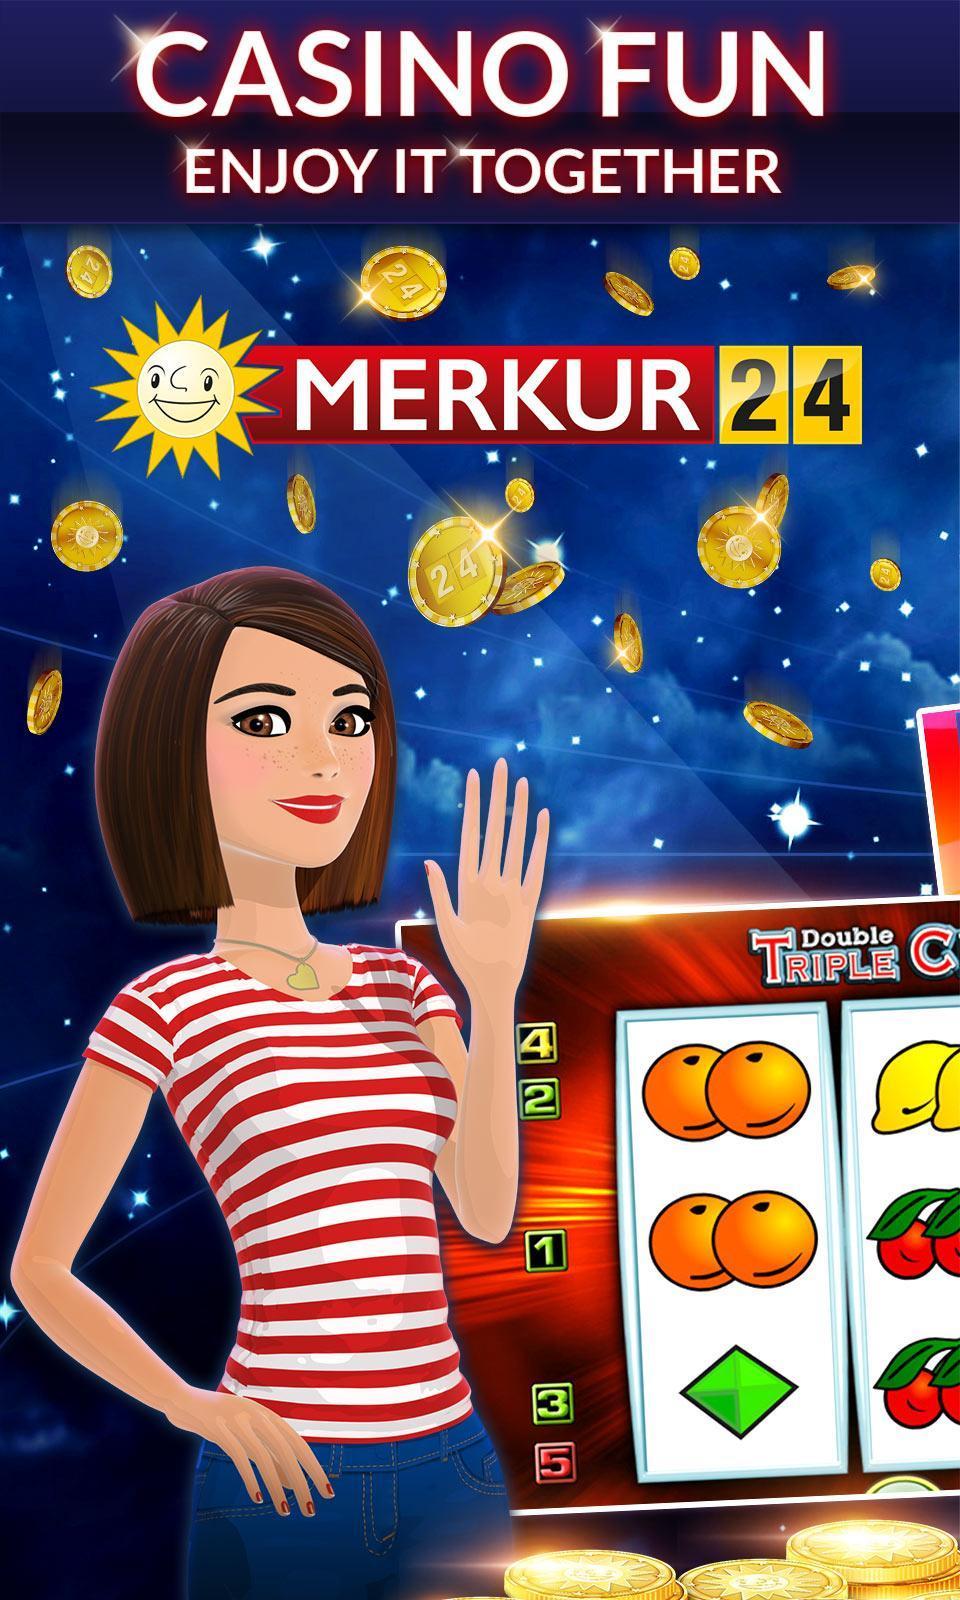 Merkur24 Casino Online